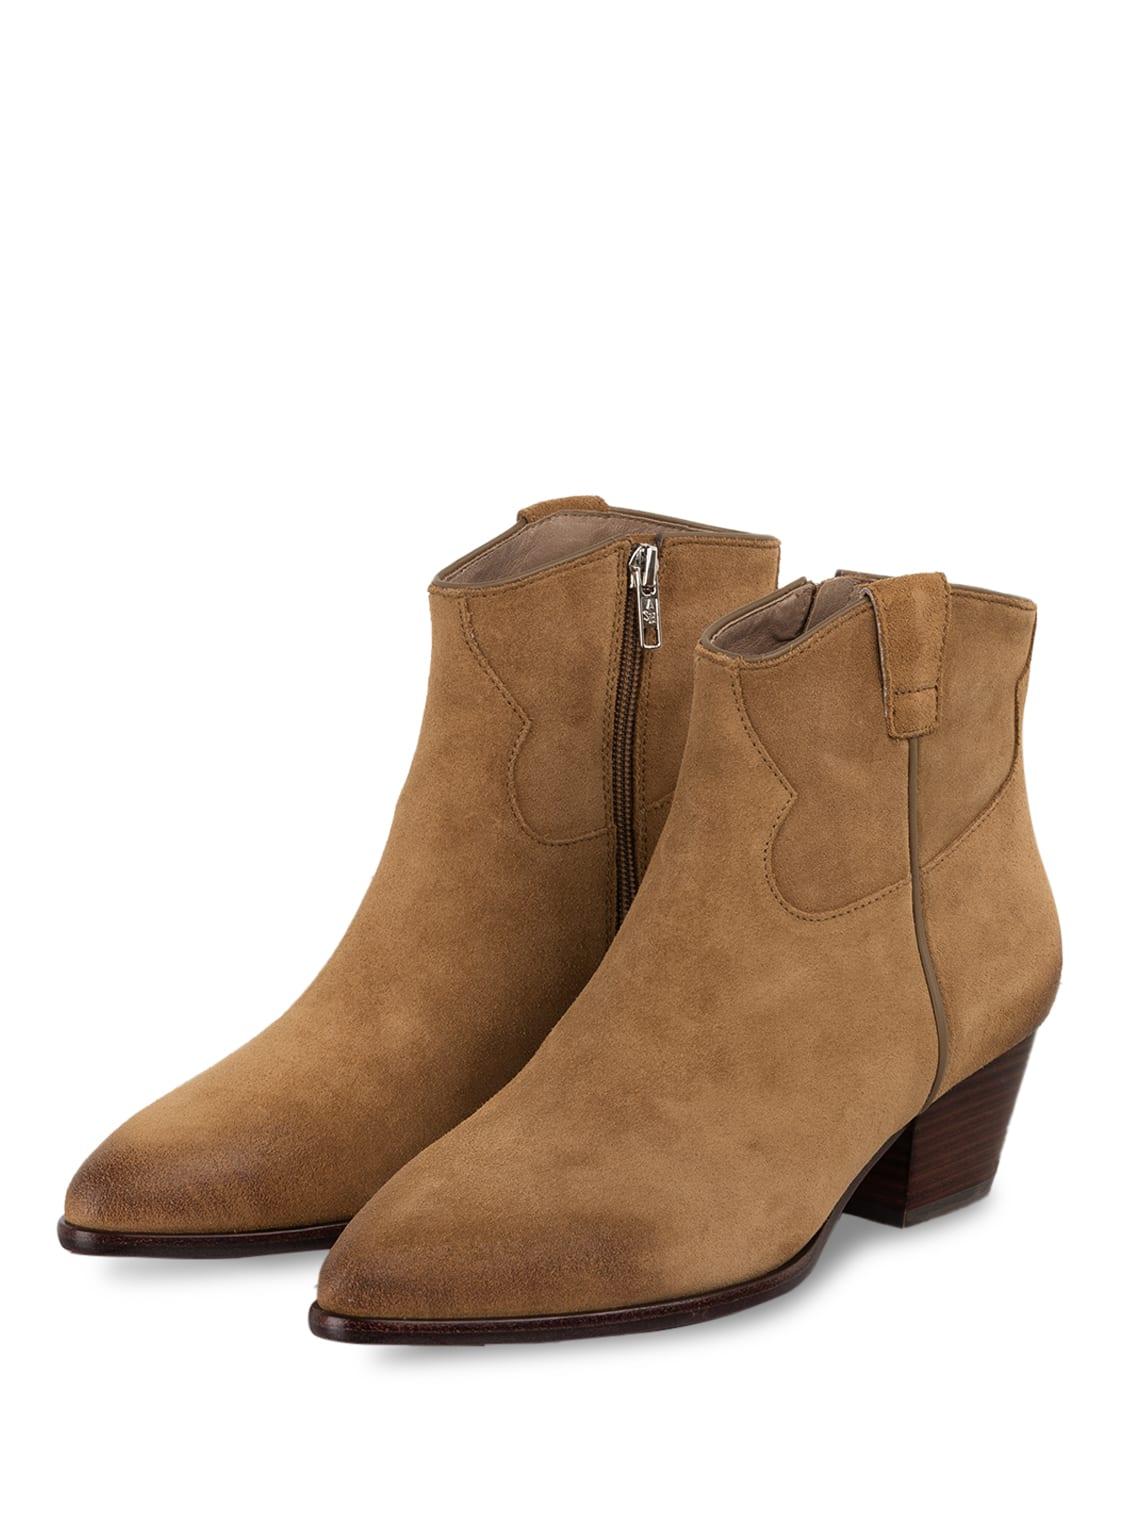 Image of Ash Cowboy Boots Houston beige